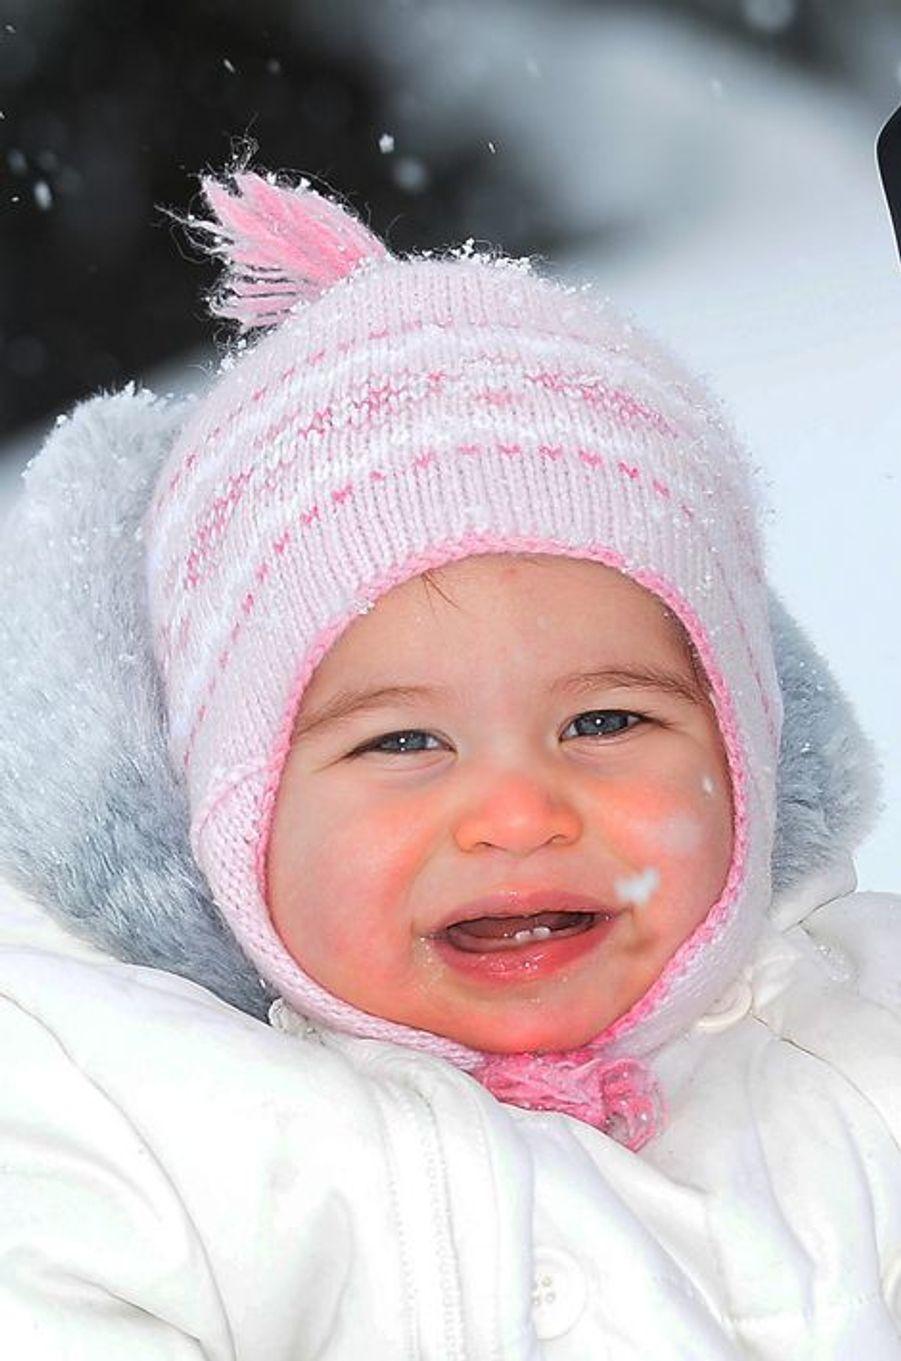 La princesse Charlotte au ski dans les Alpes françaises, photo diffusée en mars 2016